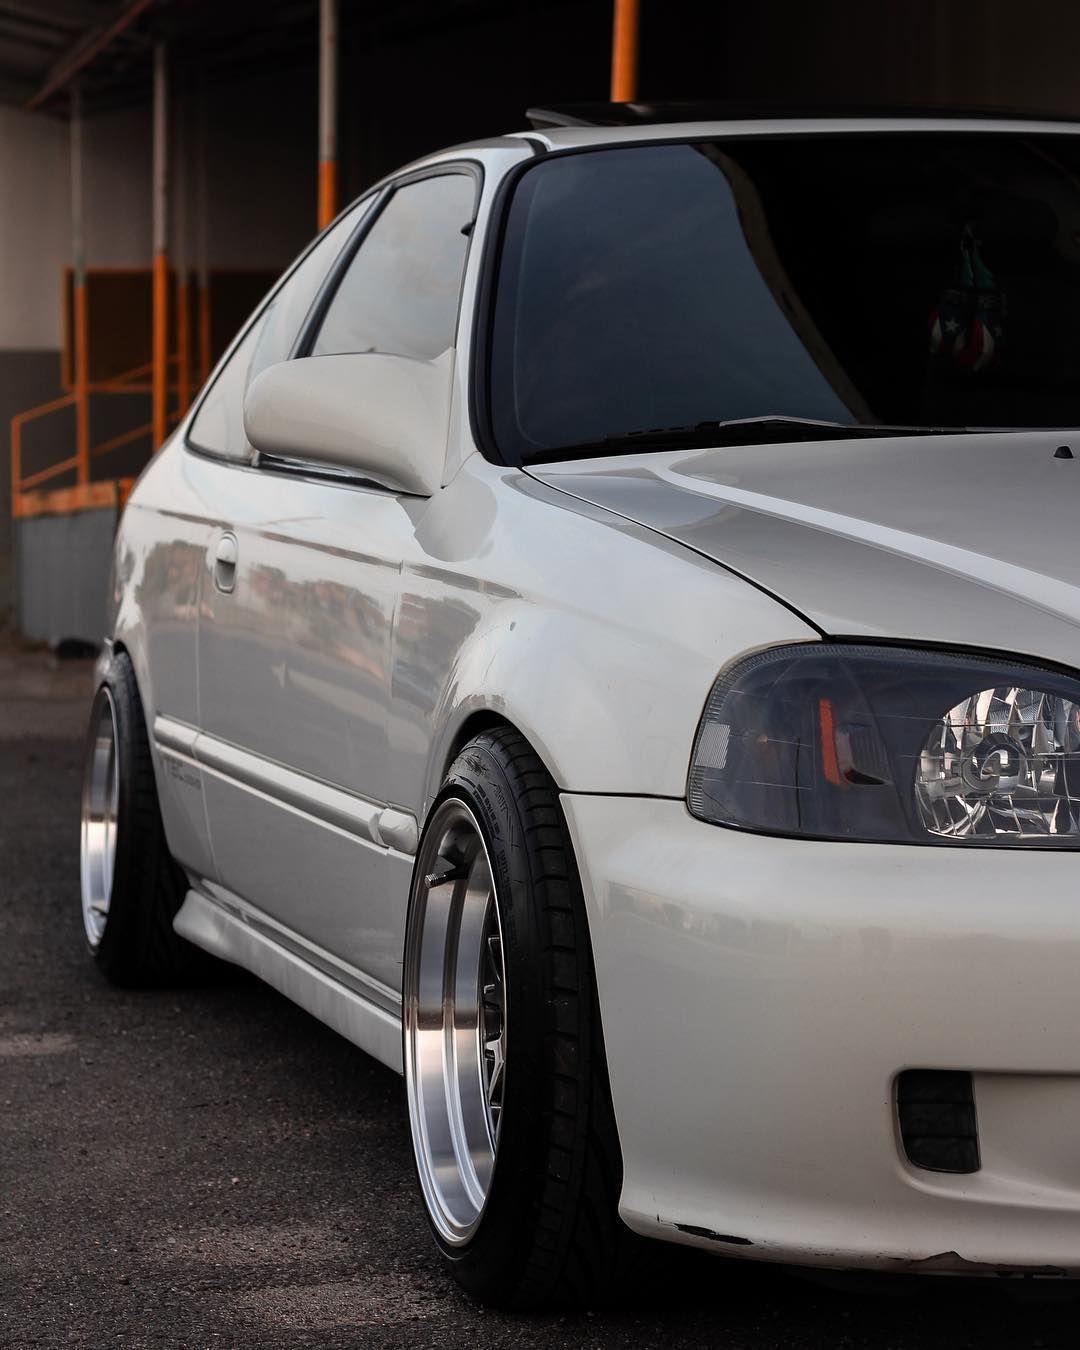 Pin by Roman Zayas on JDM & Stance Cars Honda